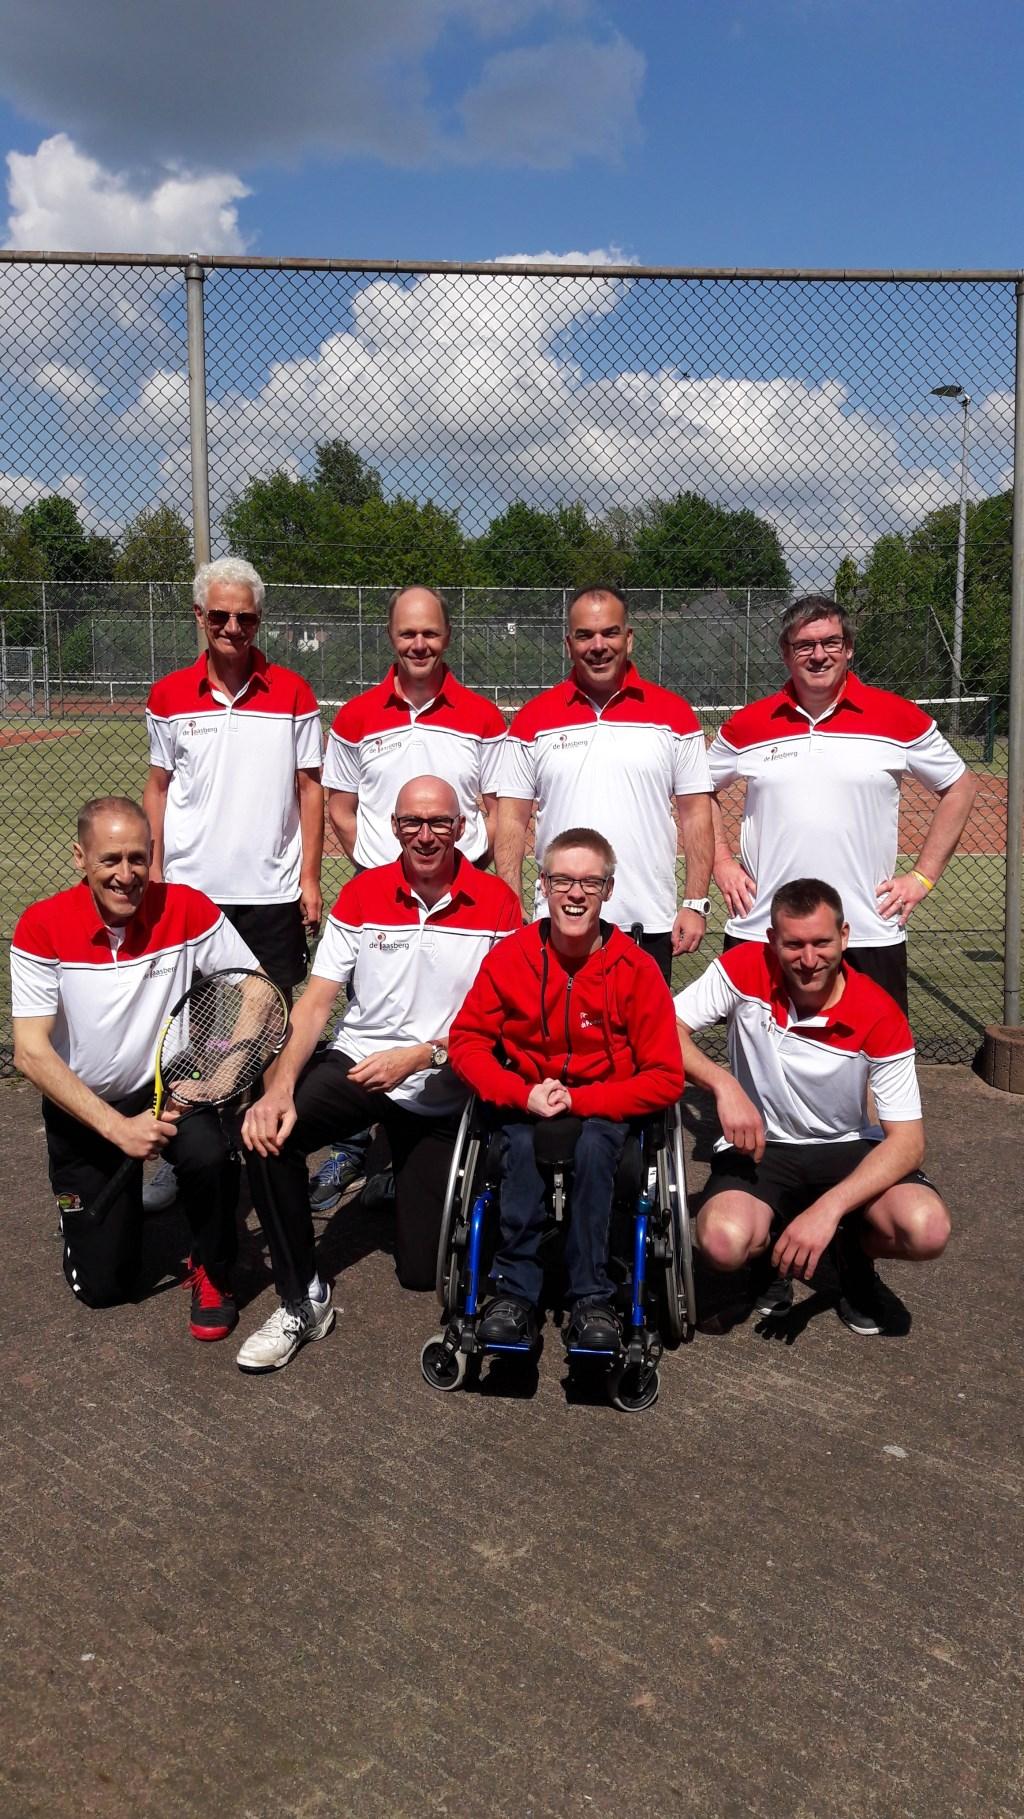 Roy Weening trouwe supporter van LTC DE Paasberg 1  Foto: eigen PR © DPG Media